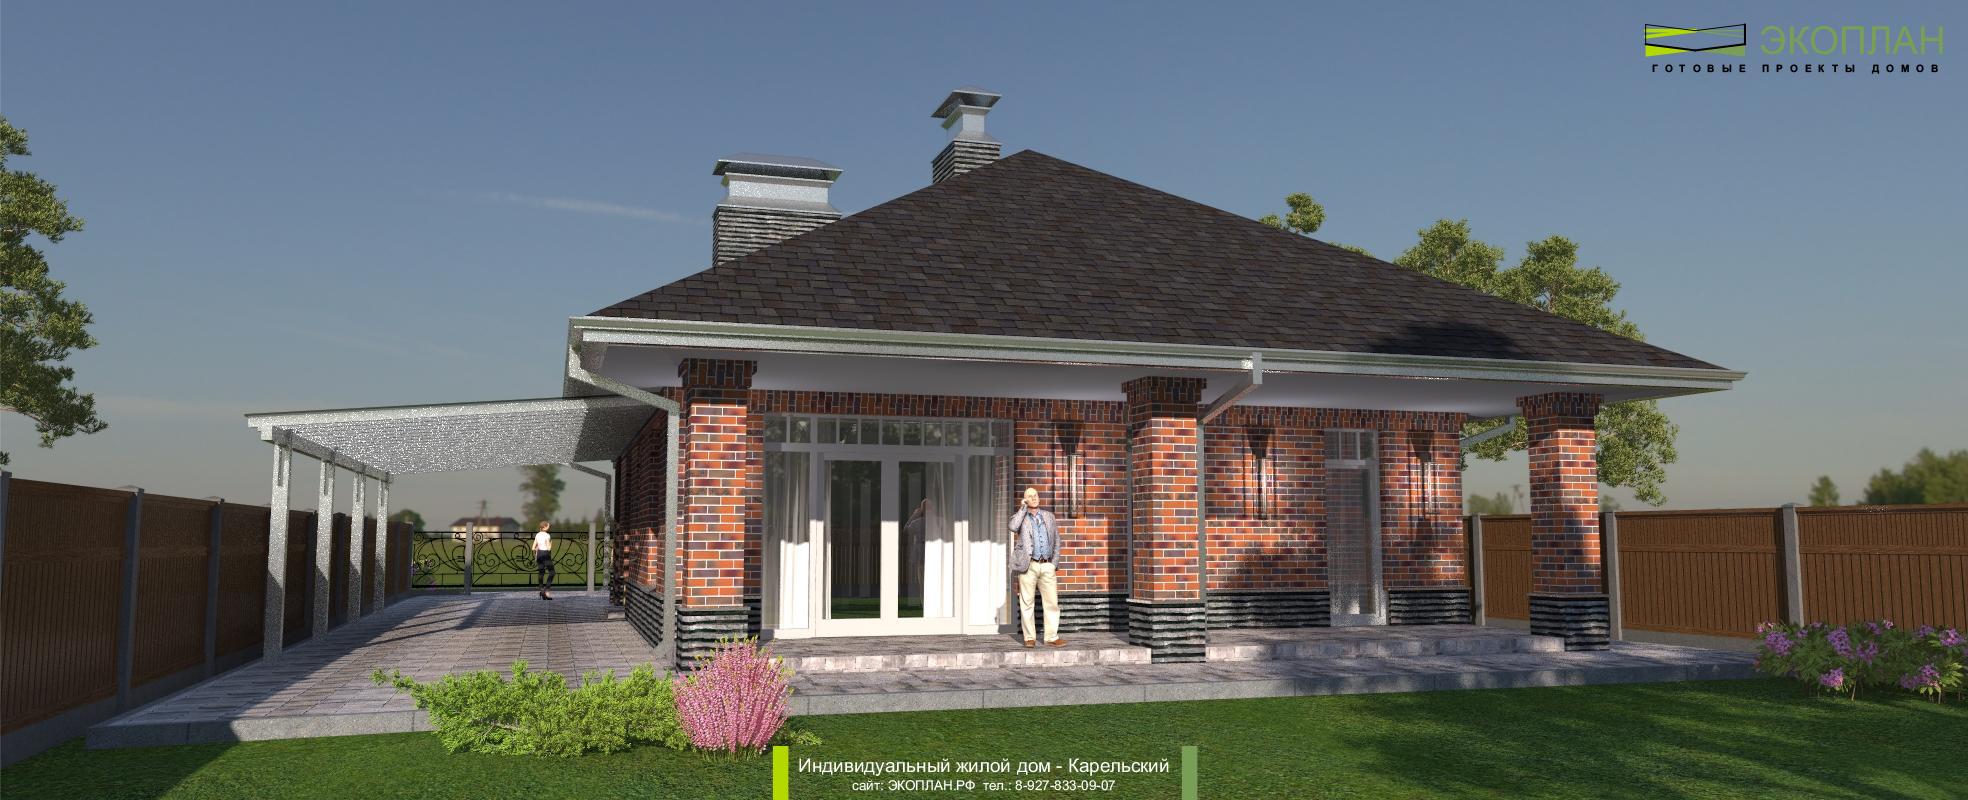 Готовый проект дома - Карельский - Ульяновск фасад